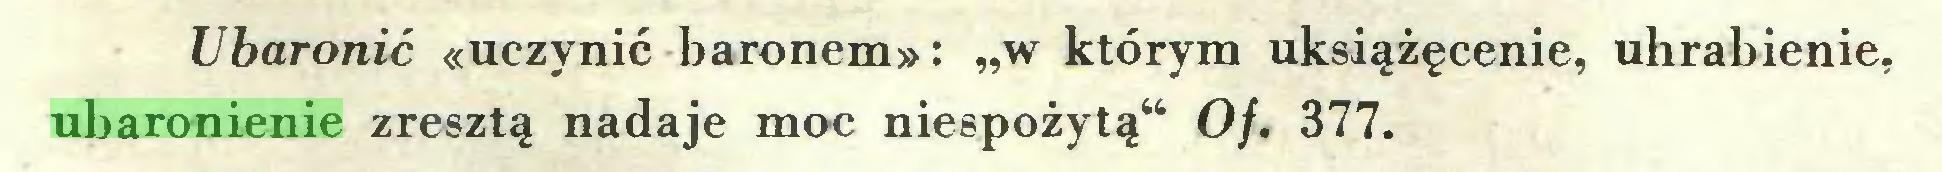 """(...) Ubaronić «uczynić baronem»: """"w którym uksiążęcenie, uhrabienie, ubaronienie zresztą nadaje moc niespożytą"""" Of. 377..."""